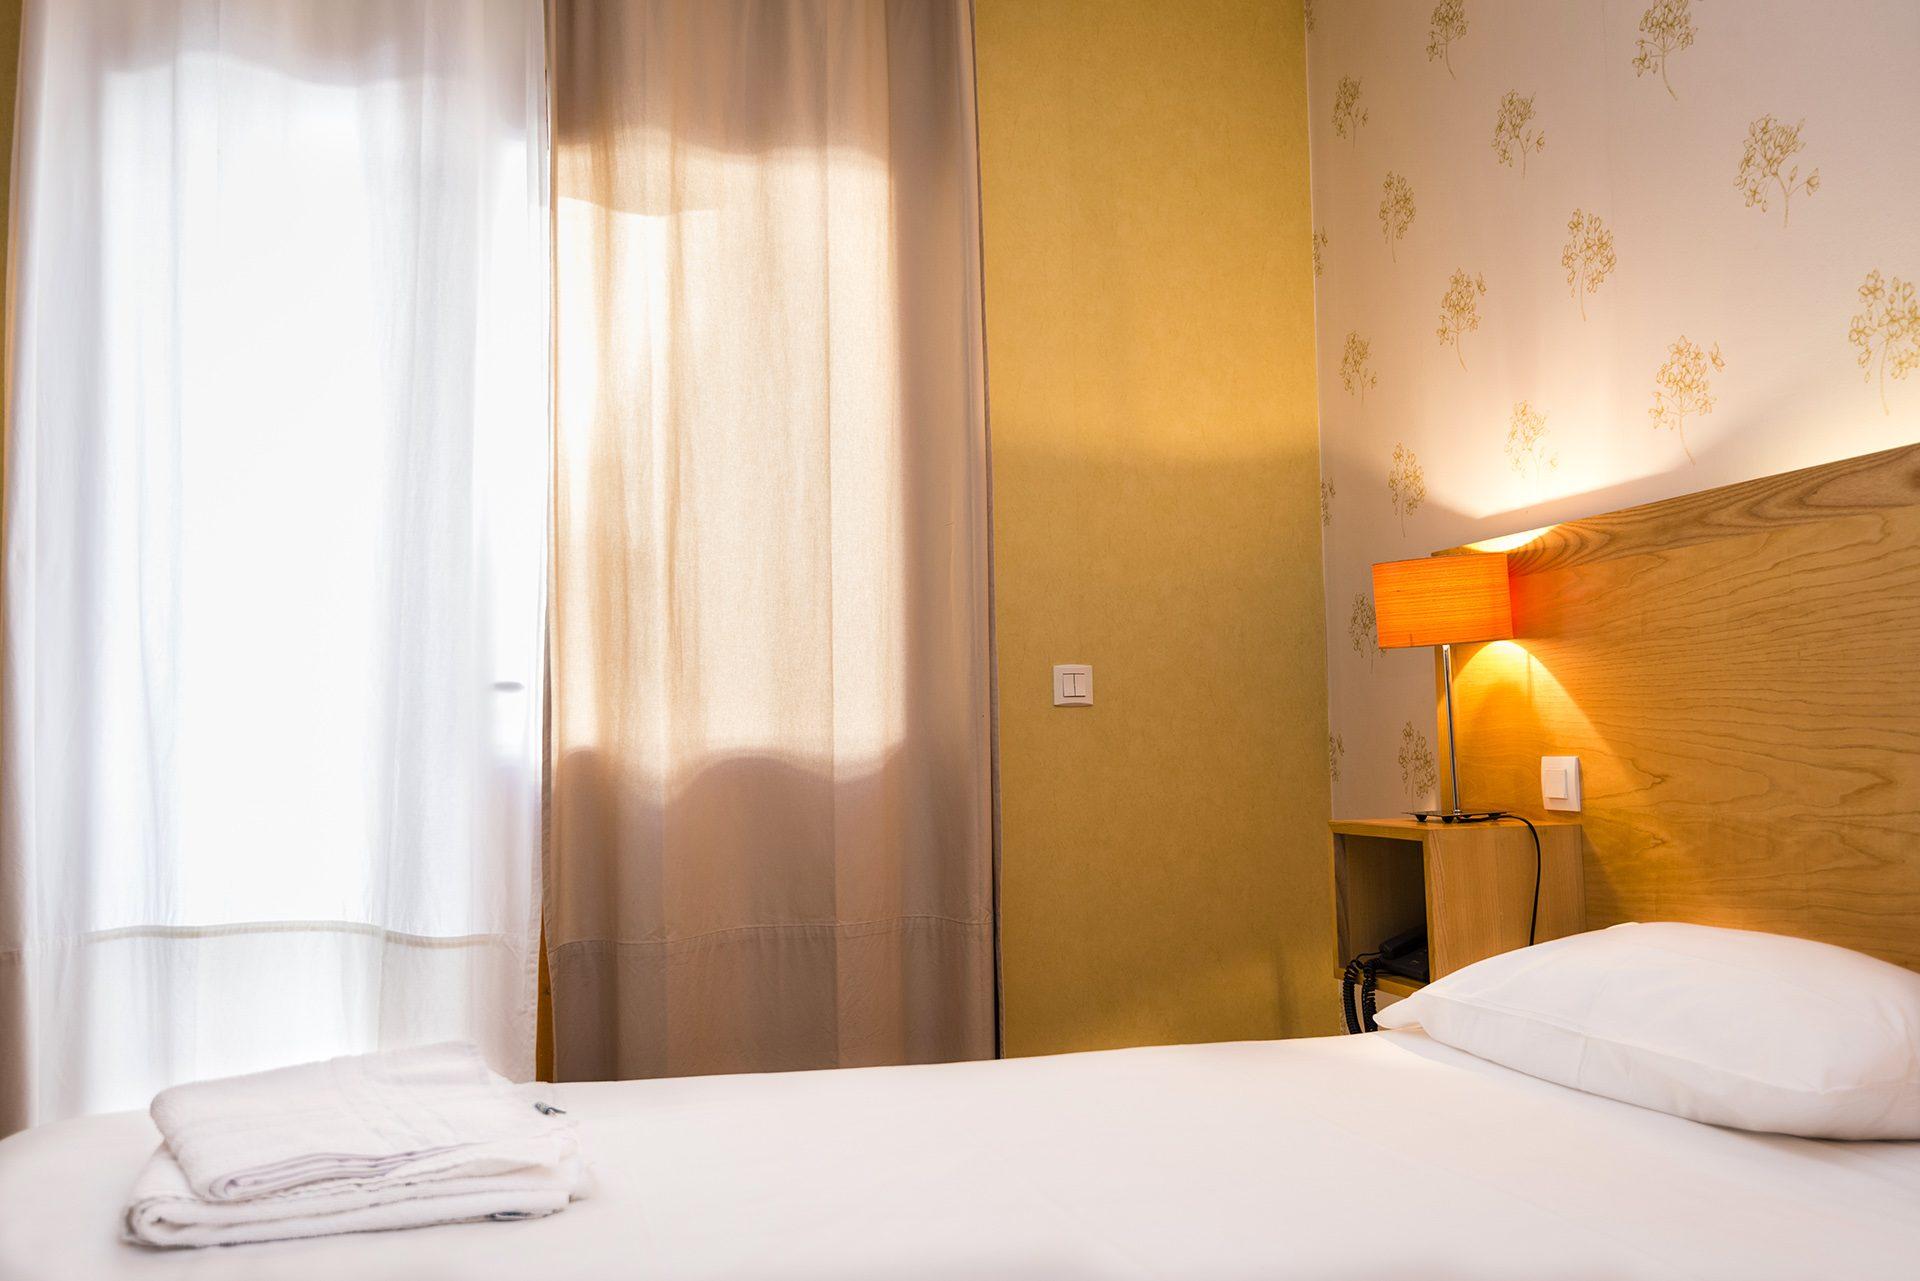 Lit Chambre mobilité réduite - Hôtel *** le Chalet à Ax les Thermes en Ariège Pyrénées